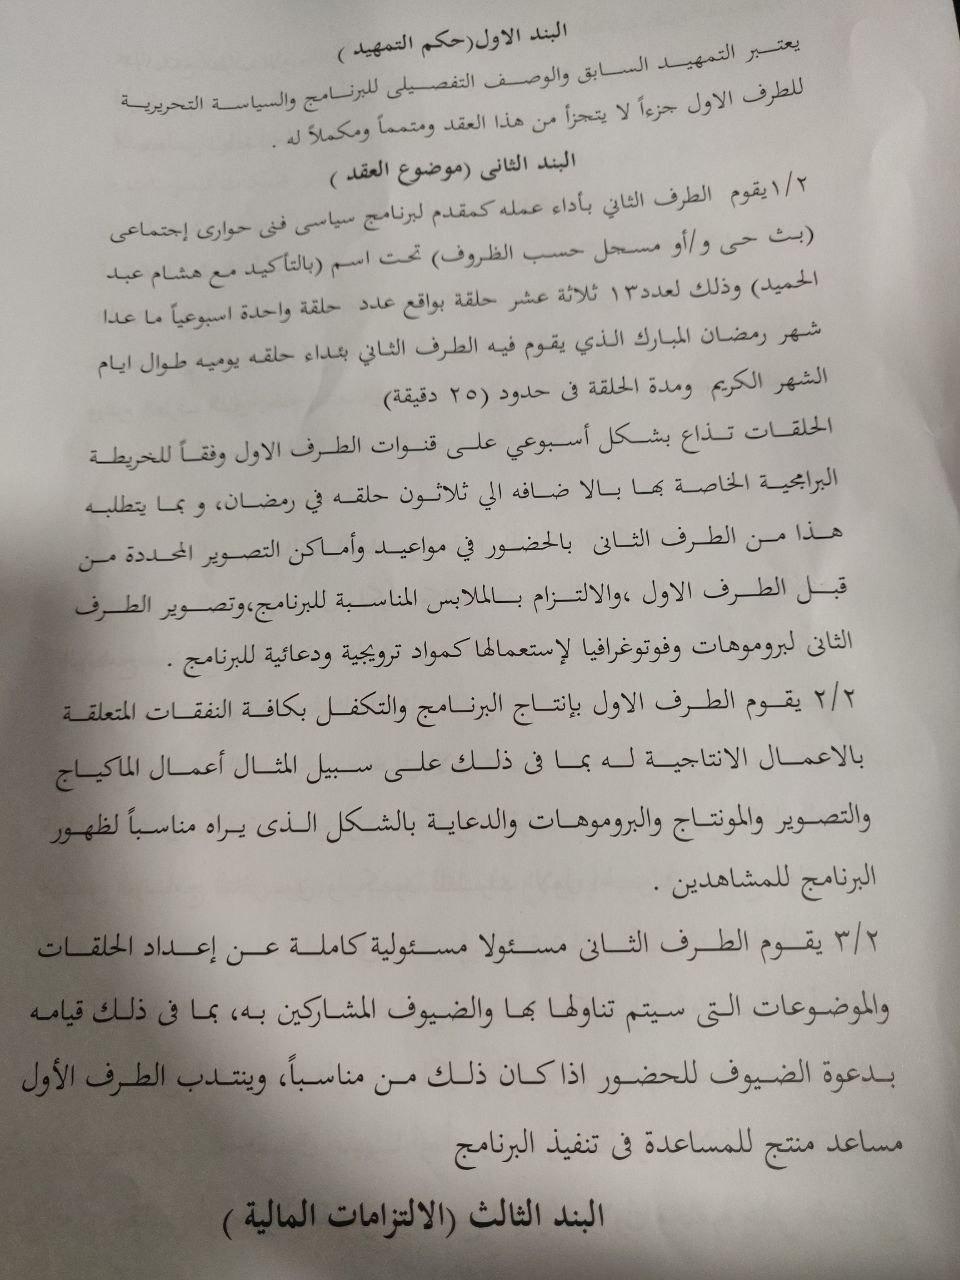 بنود عقد هشام عبد الحميد مع قناة الشرق